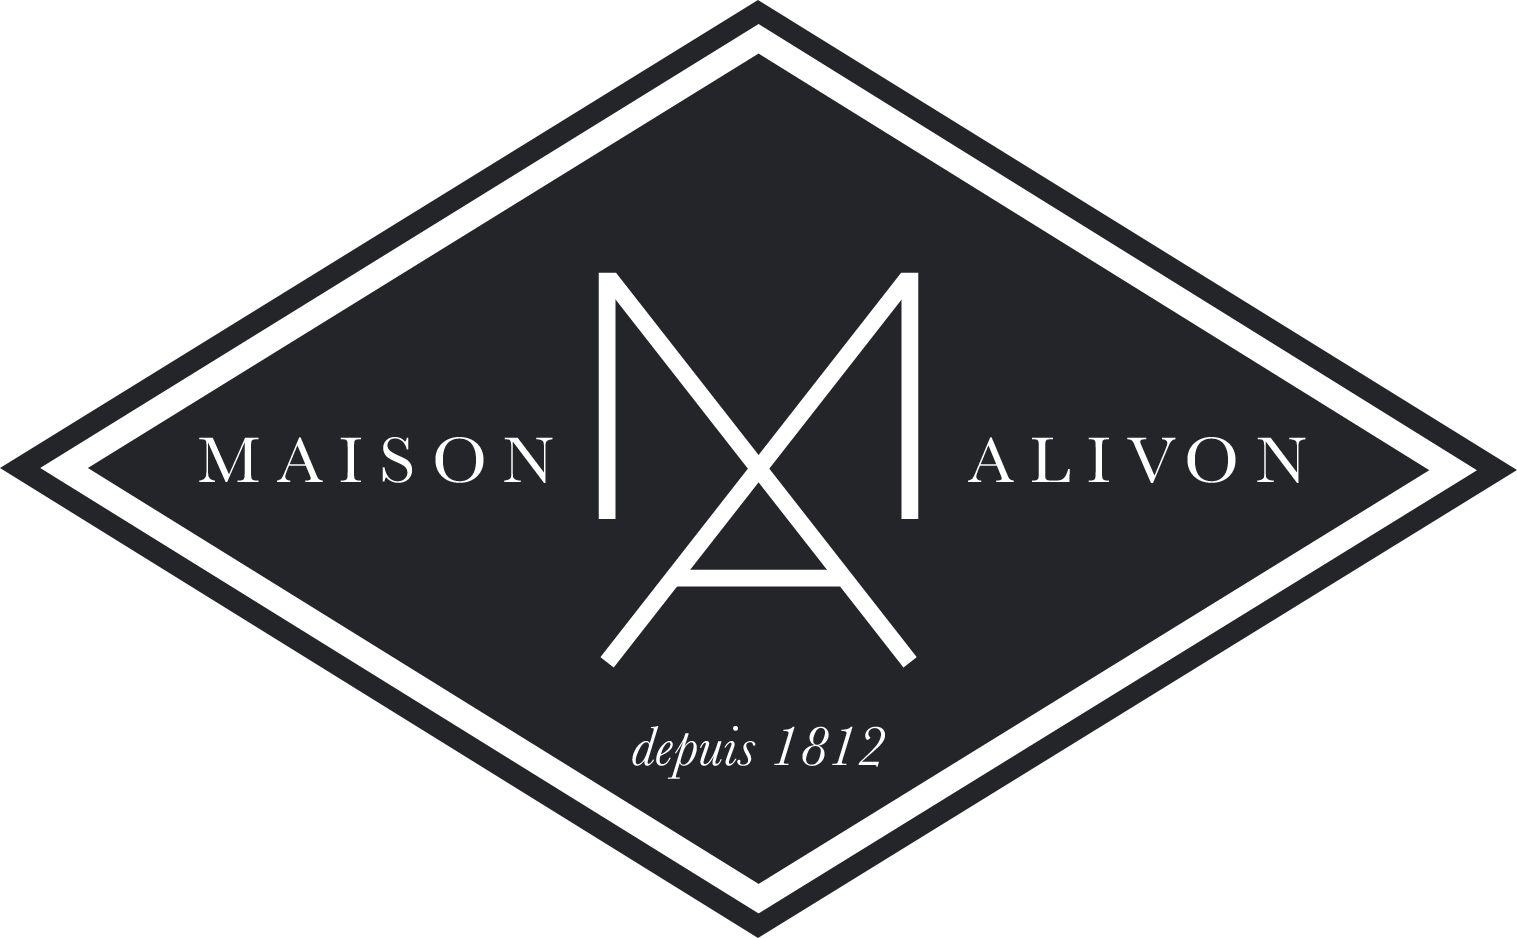 Maison Alivon